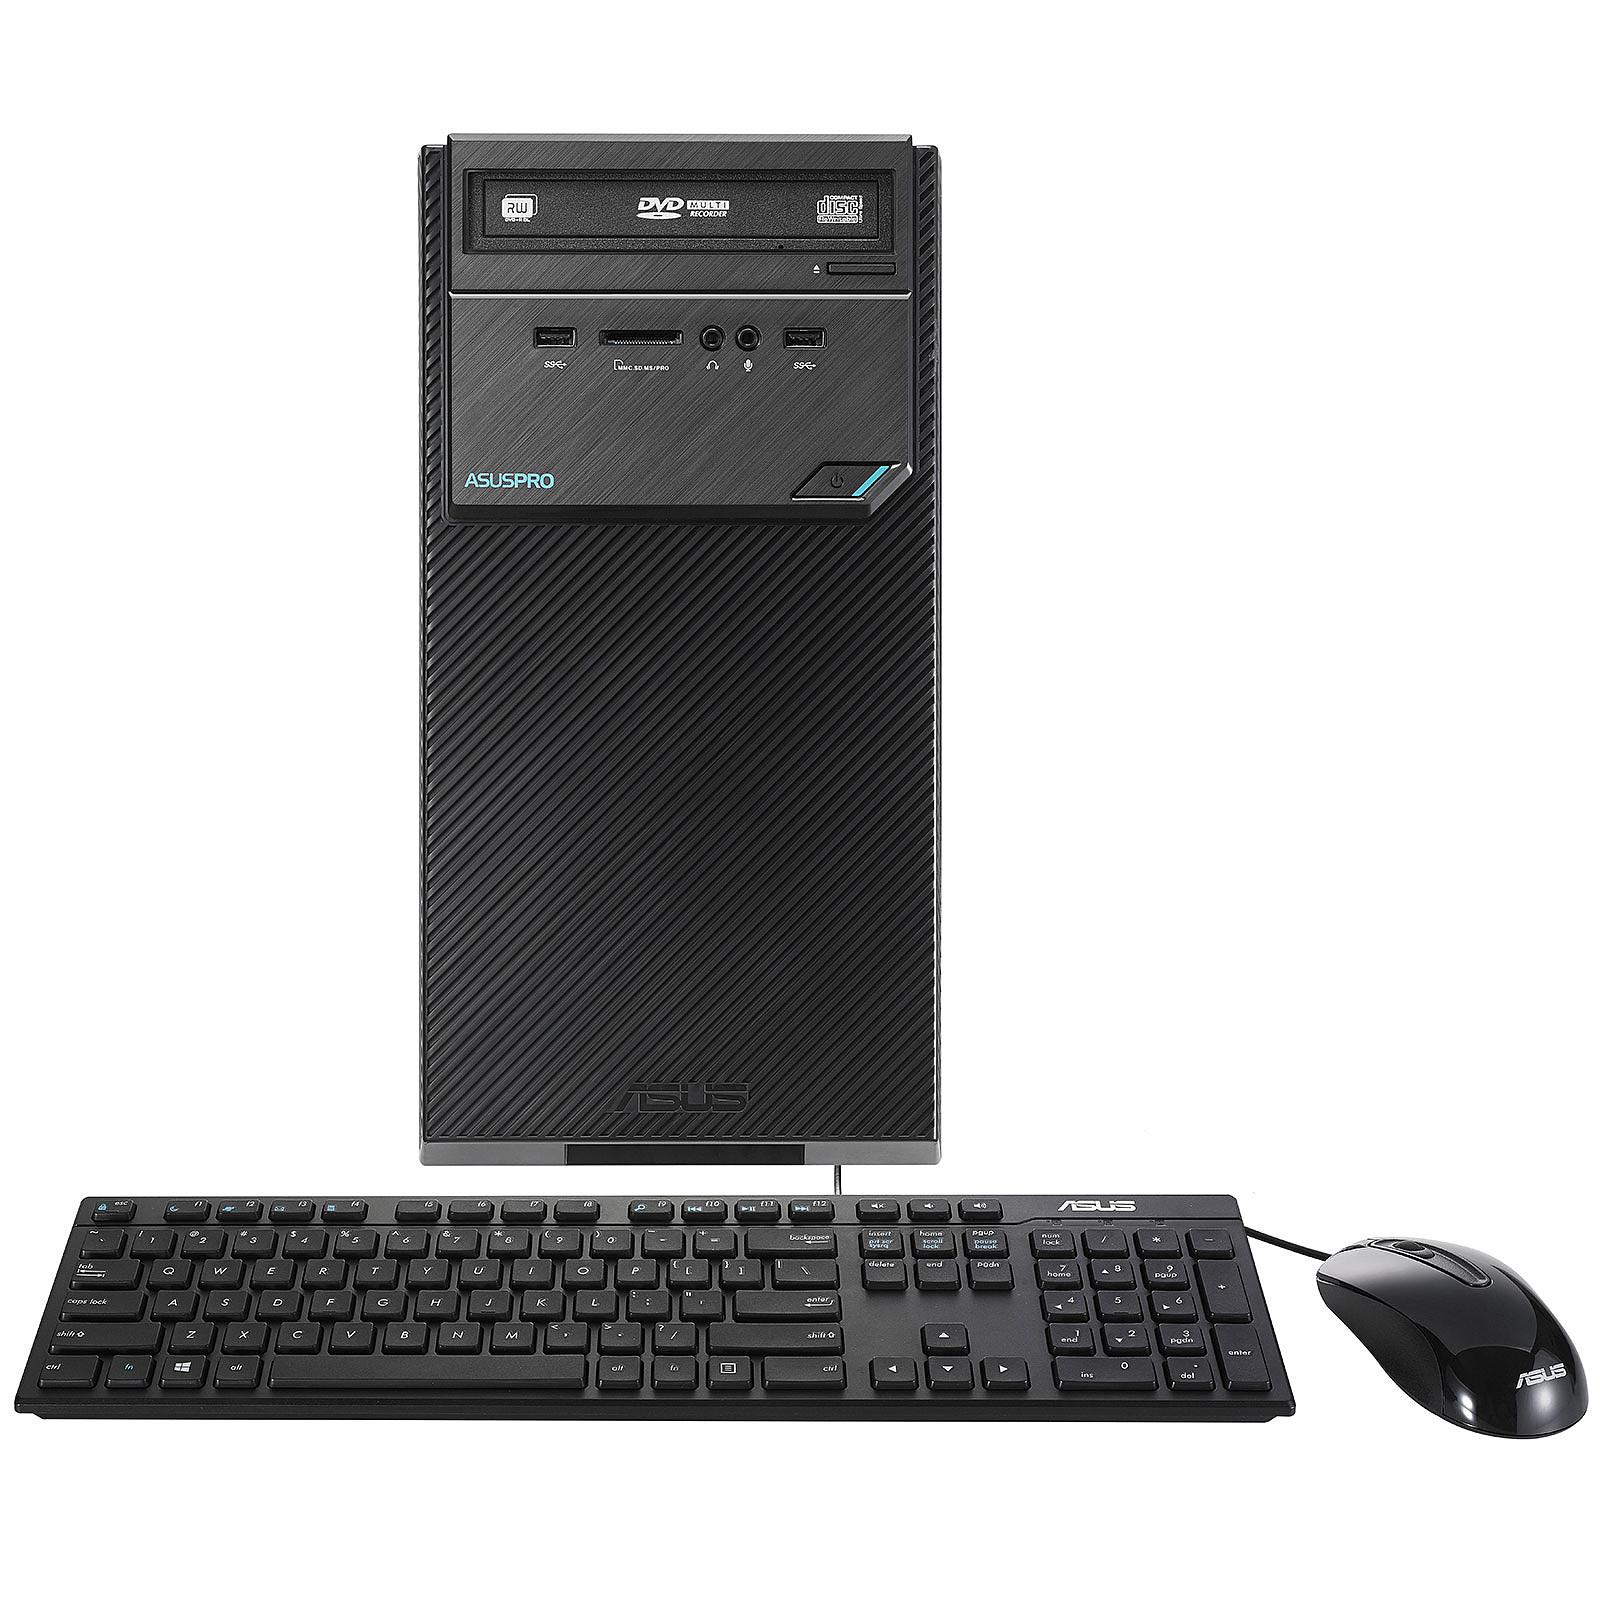 ASUS D320MT-I361000284